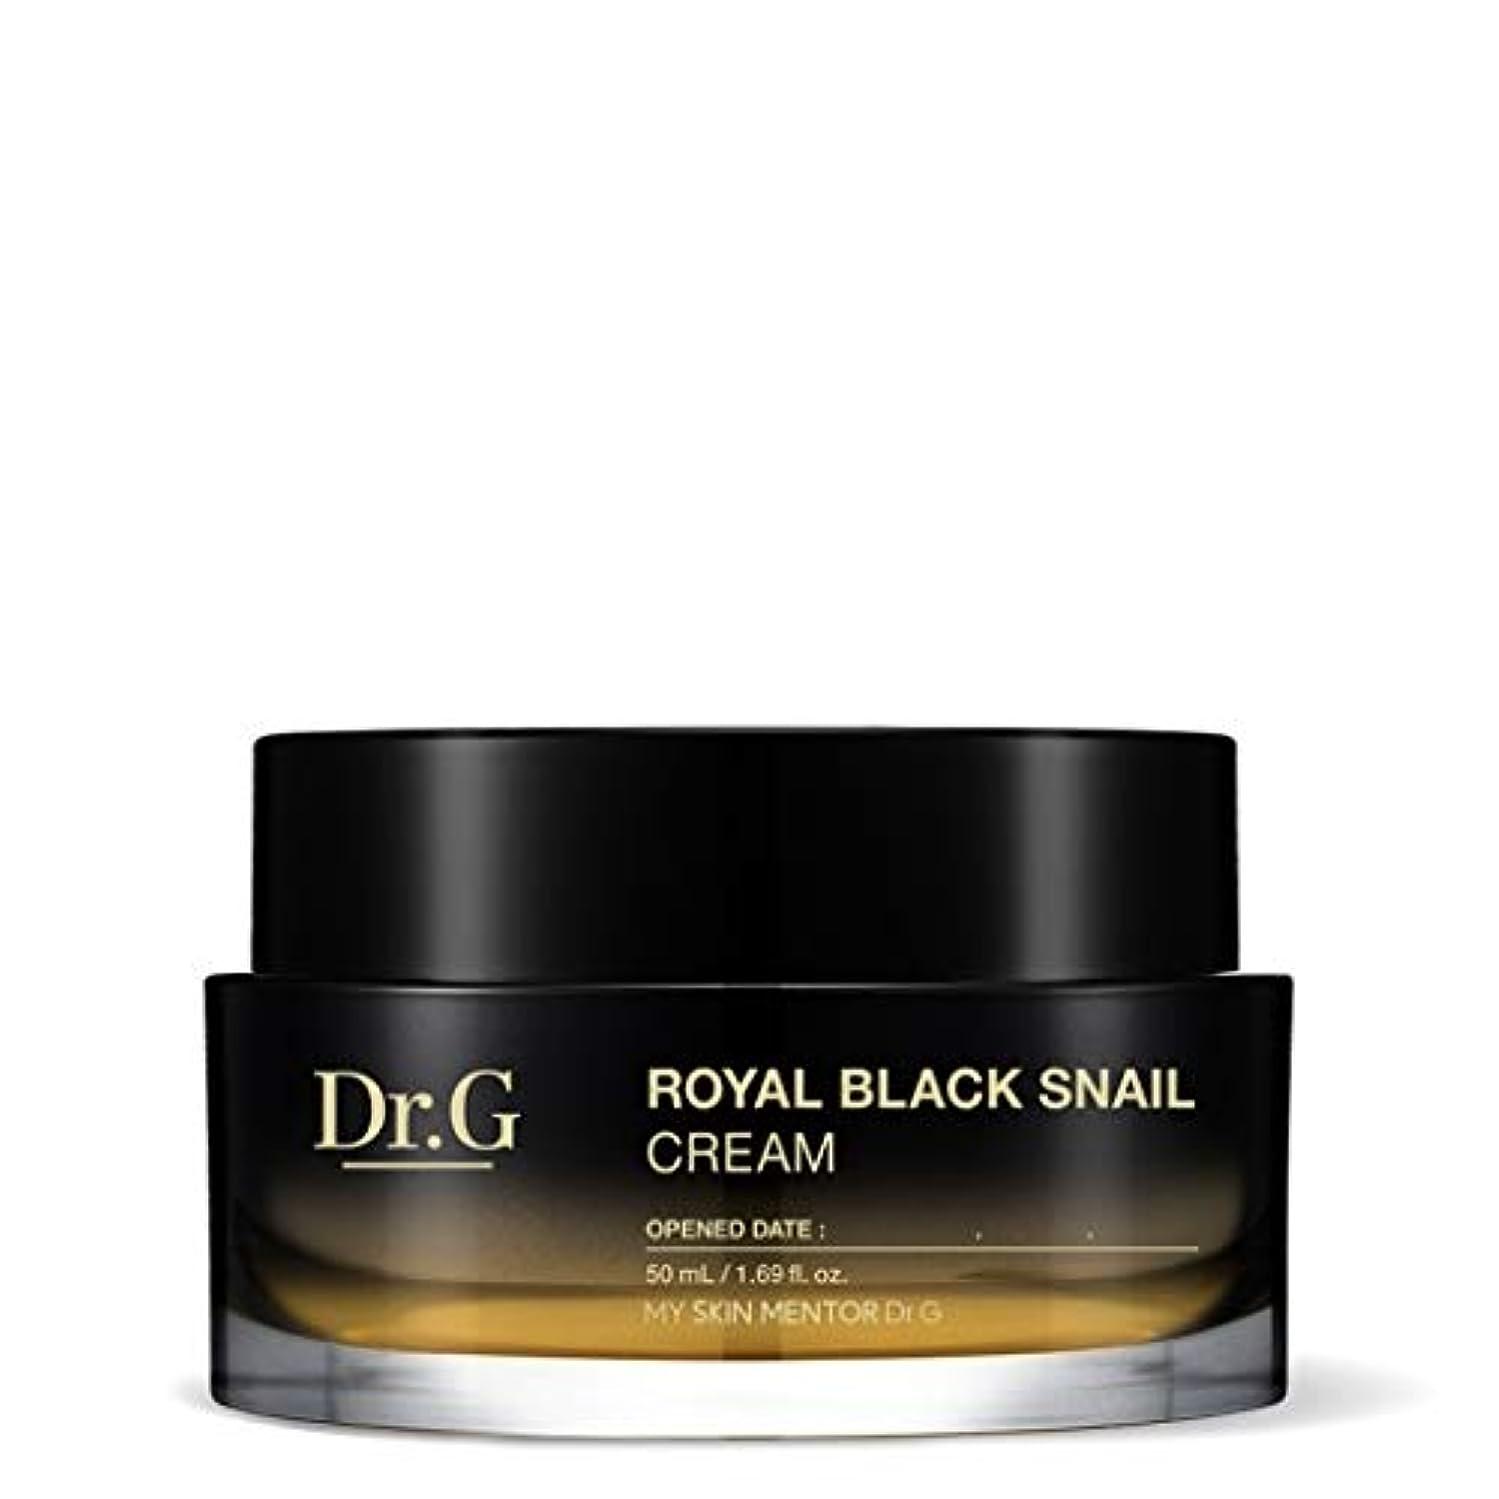 不定通路有益な[Dr.Gドクタージー] ロイヤルブラックスネイルクリーム 50ml / Royal Black Snail Cream